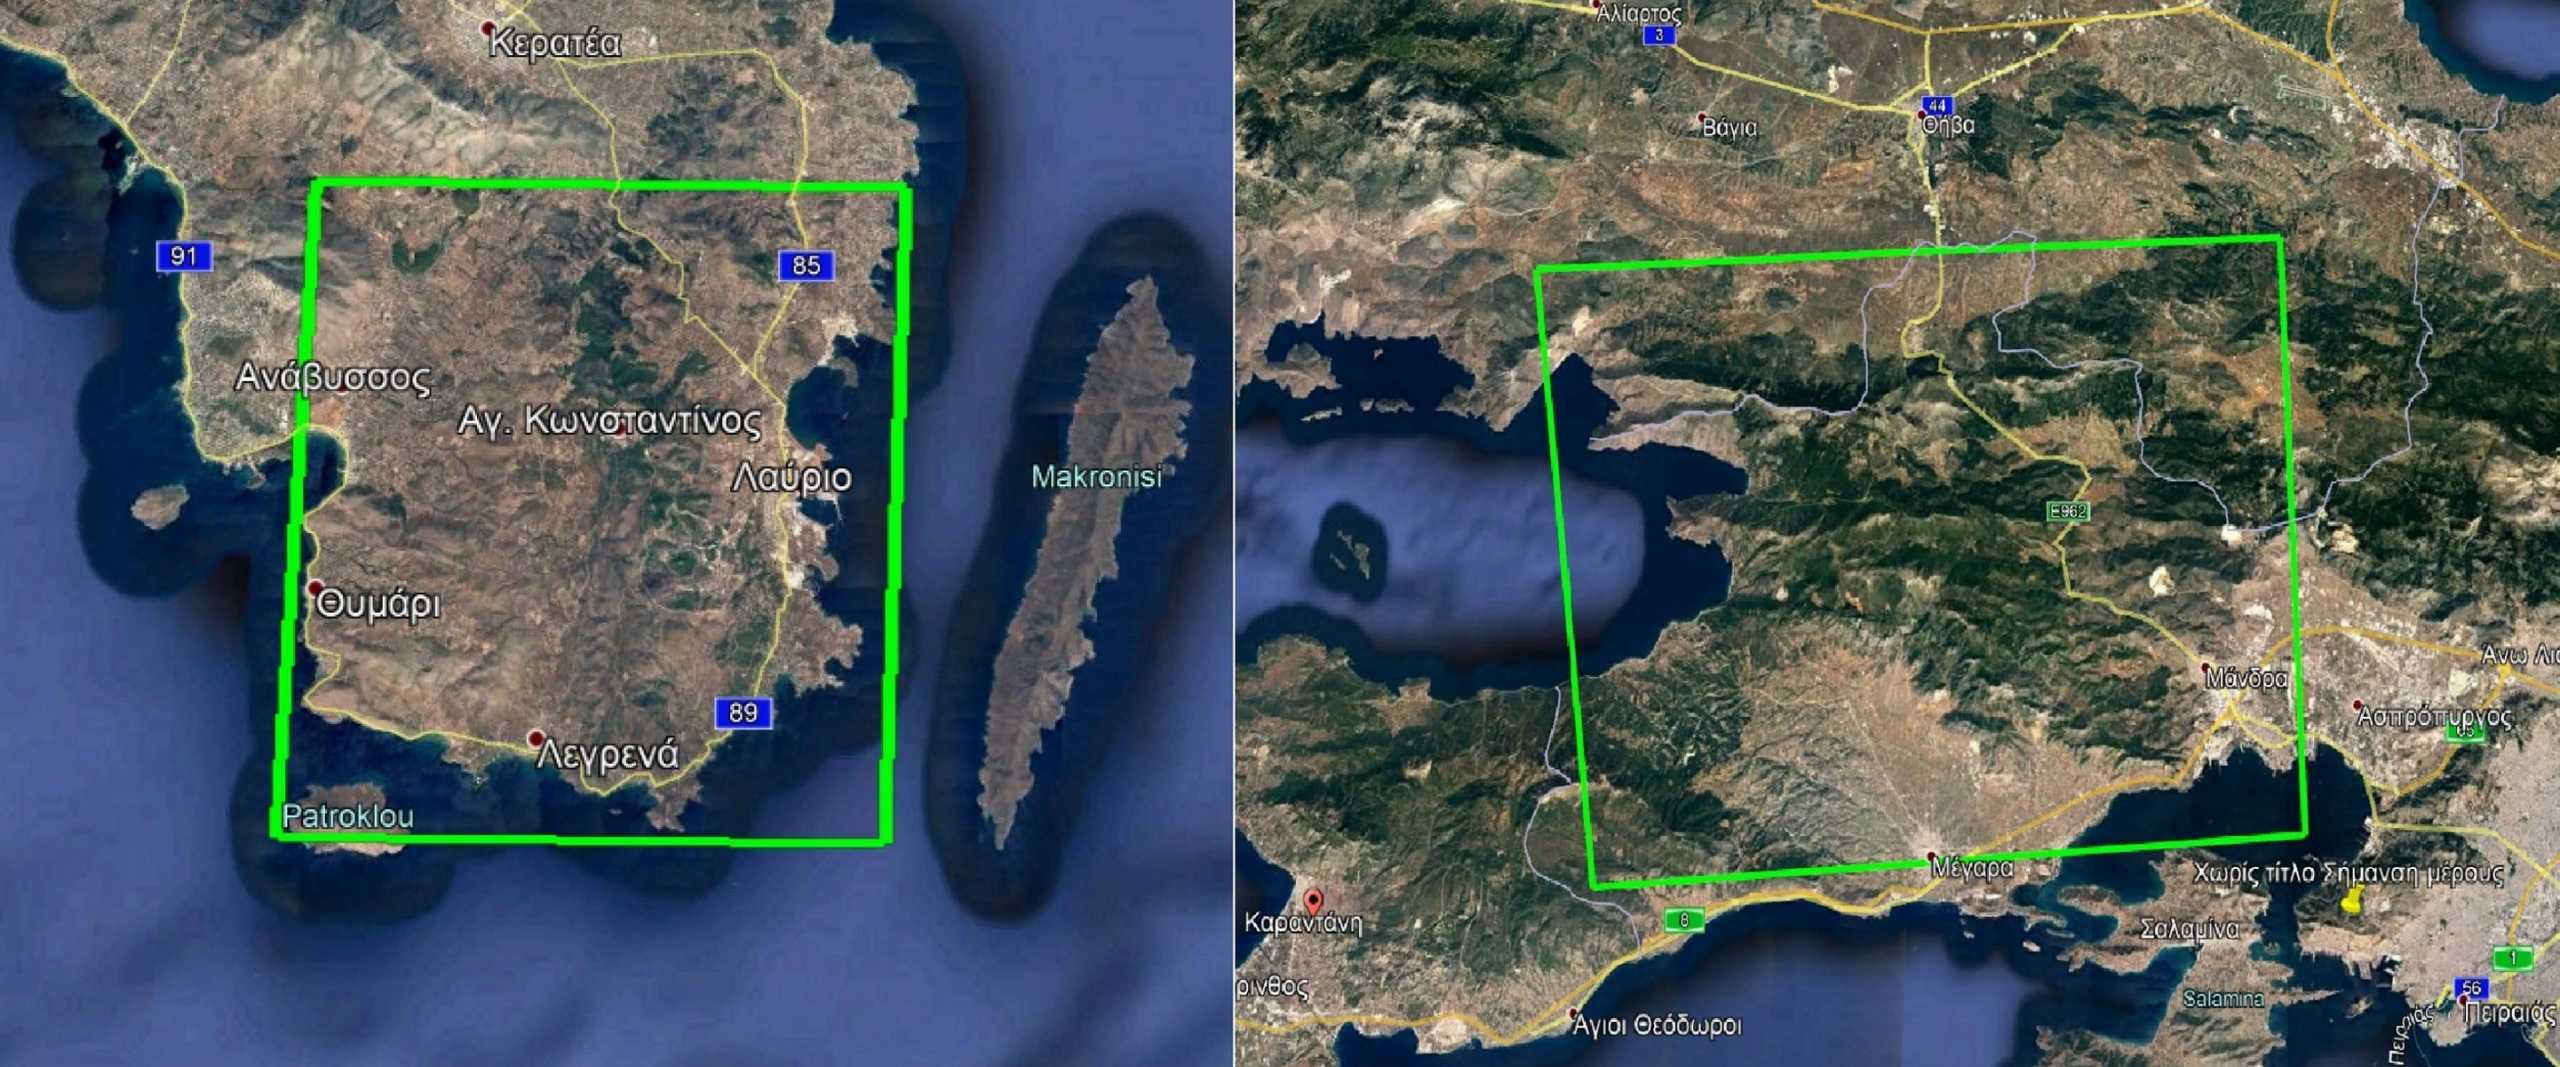 Φωτιές σε Βίλια – Κερατέα: Ενεργοποίηση της υπηρεσίας Copernicus για την άμεση χαρτογράφηση των καμένων